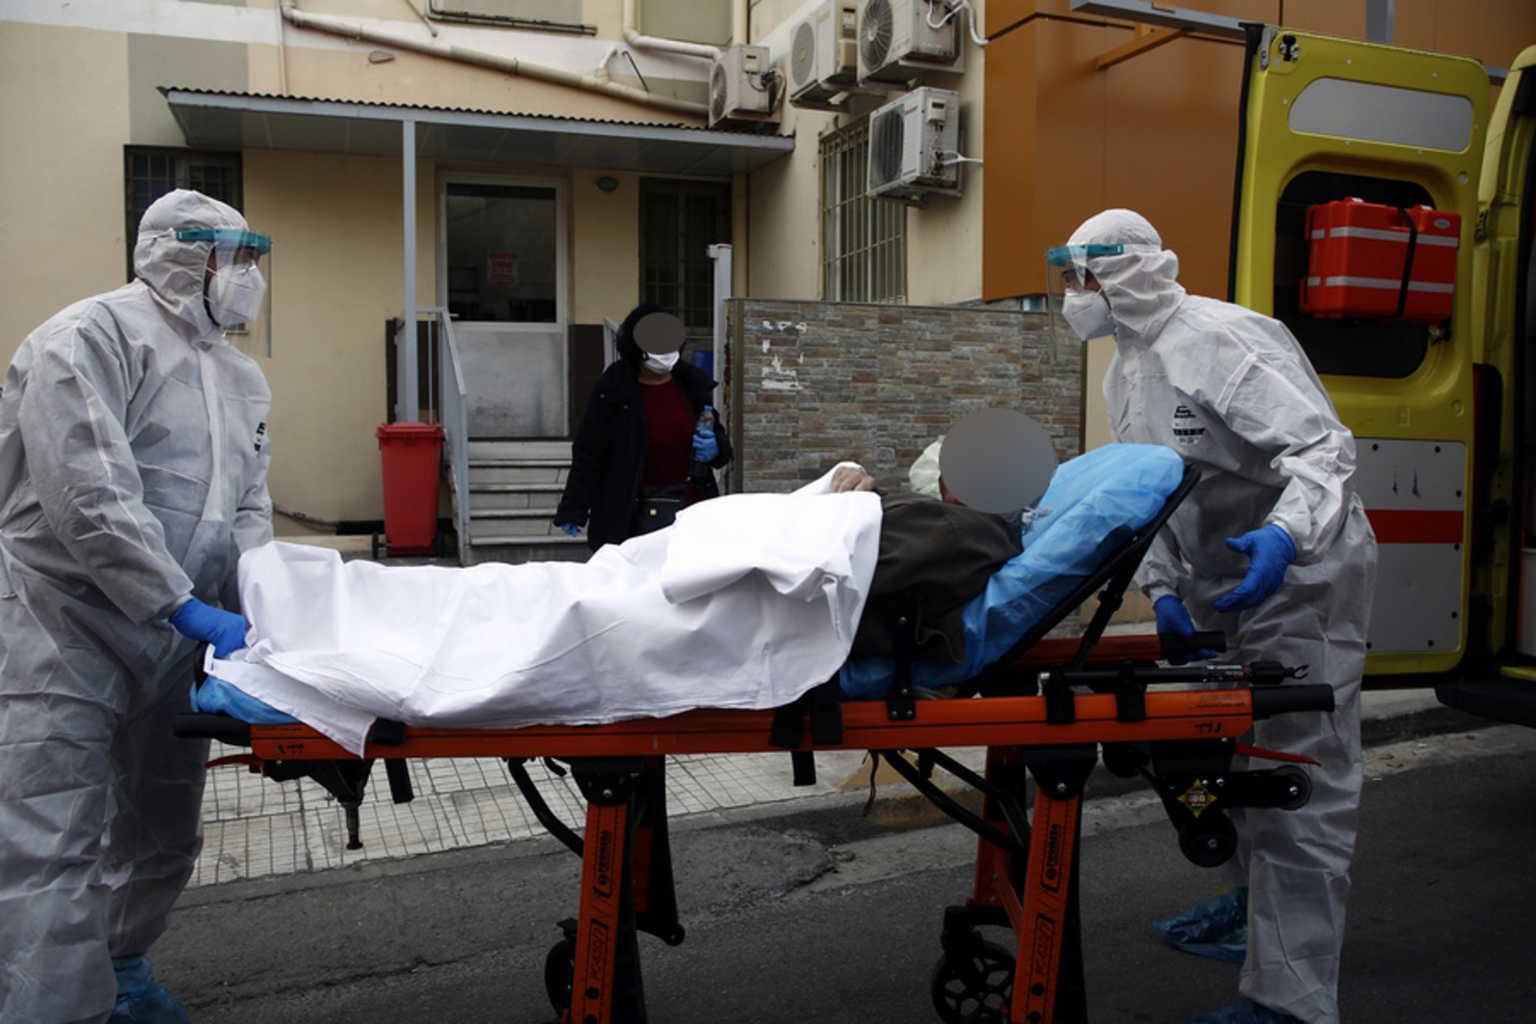 Κλινική Ταξιάρχαι: Παρέμβαση εισαγγελέα – Θα αναζητήσει ευθύνες σε βαθμό κακουργήματος